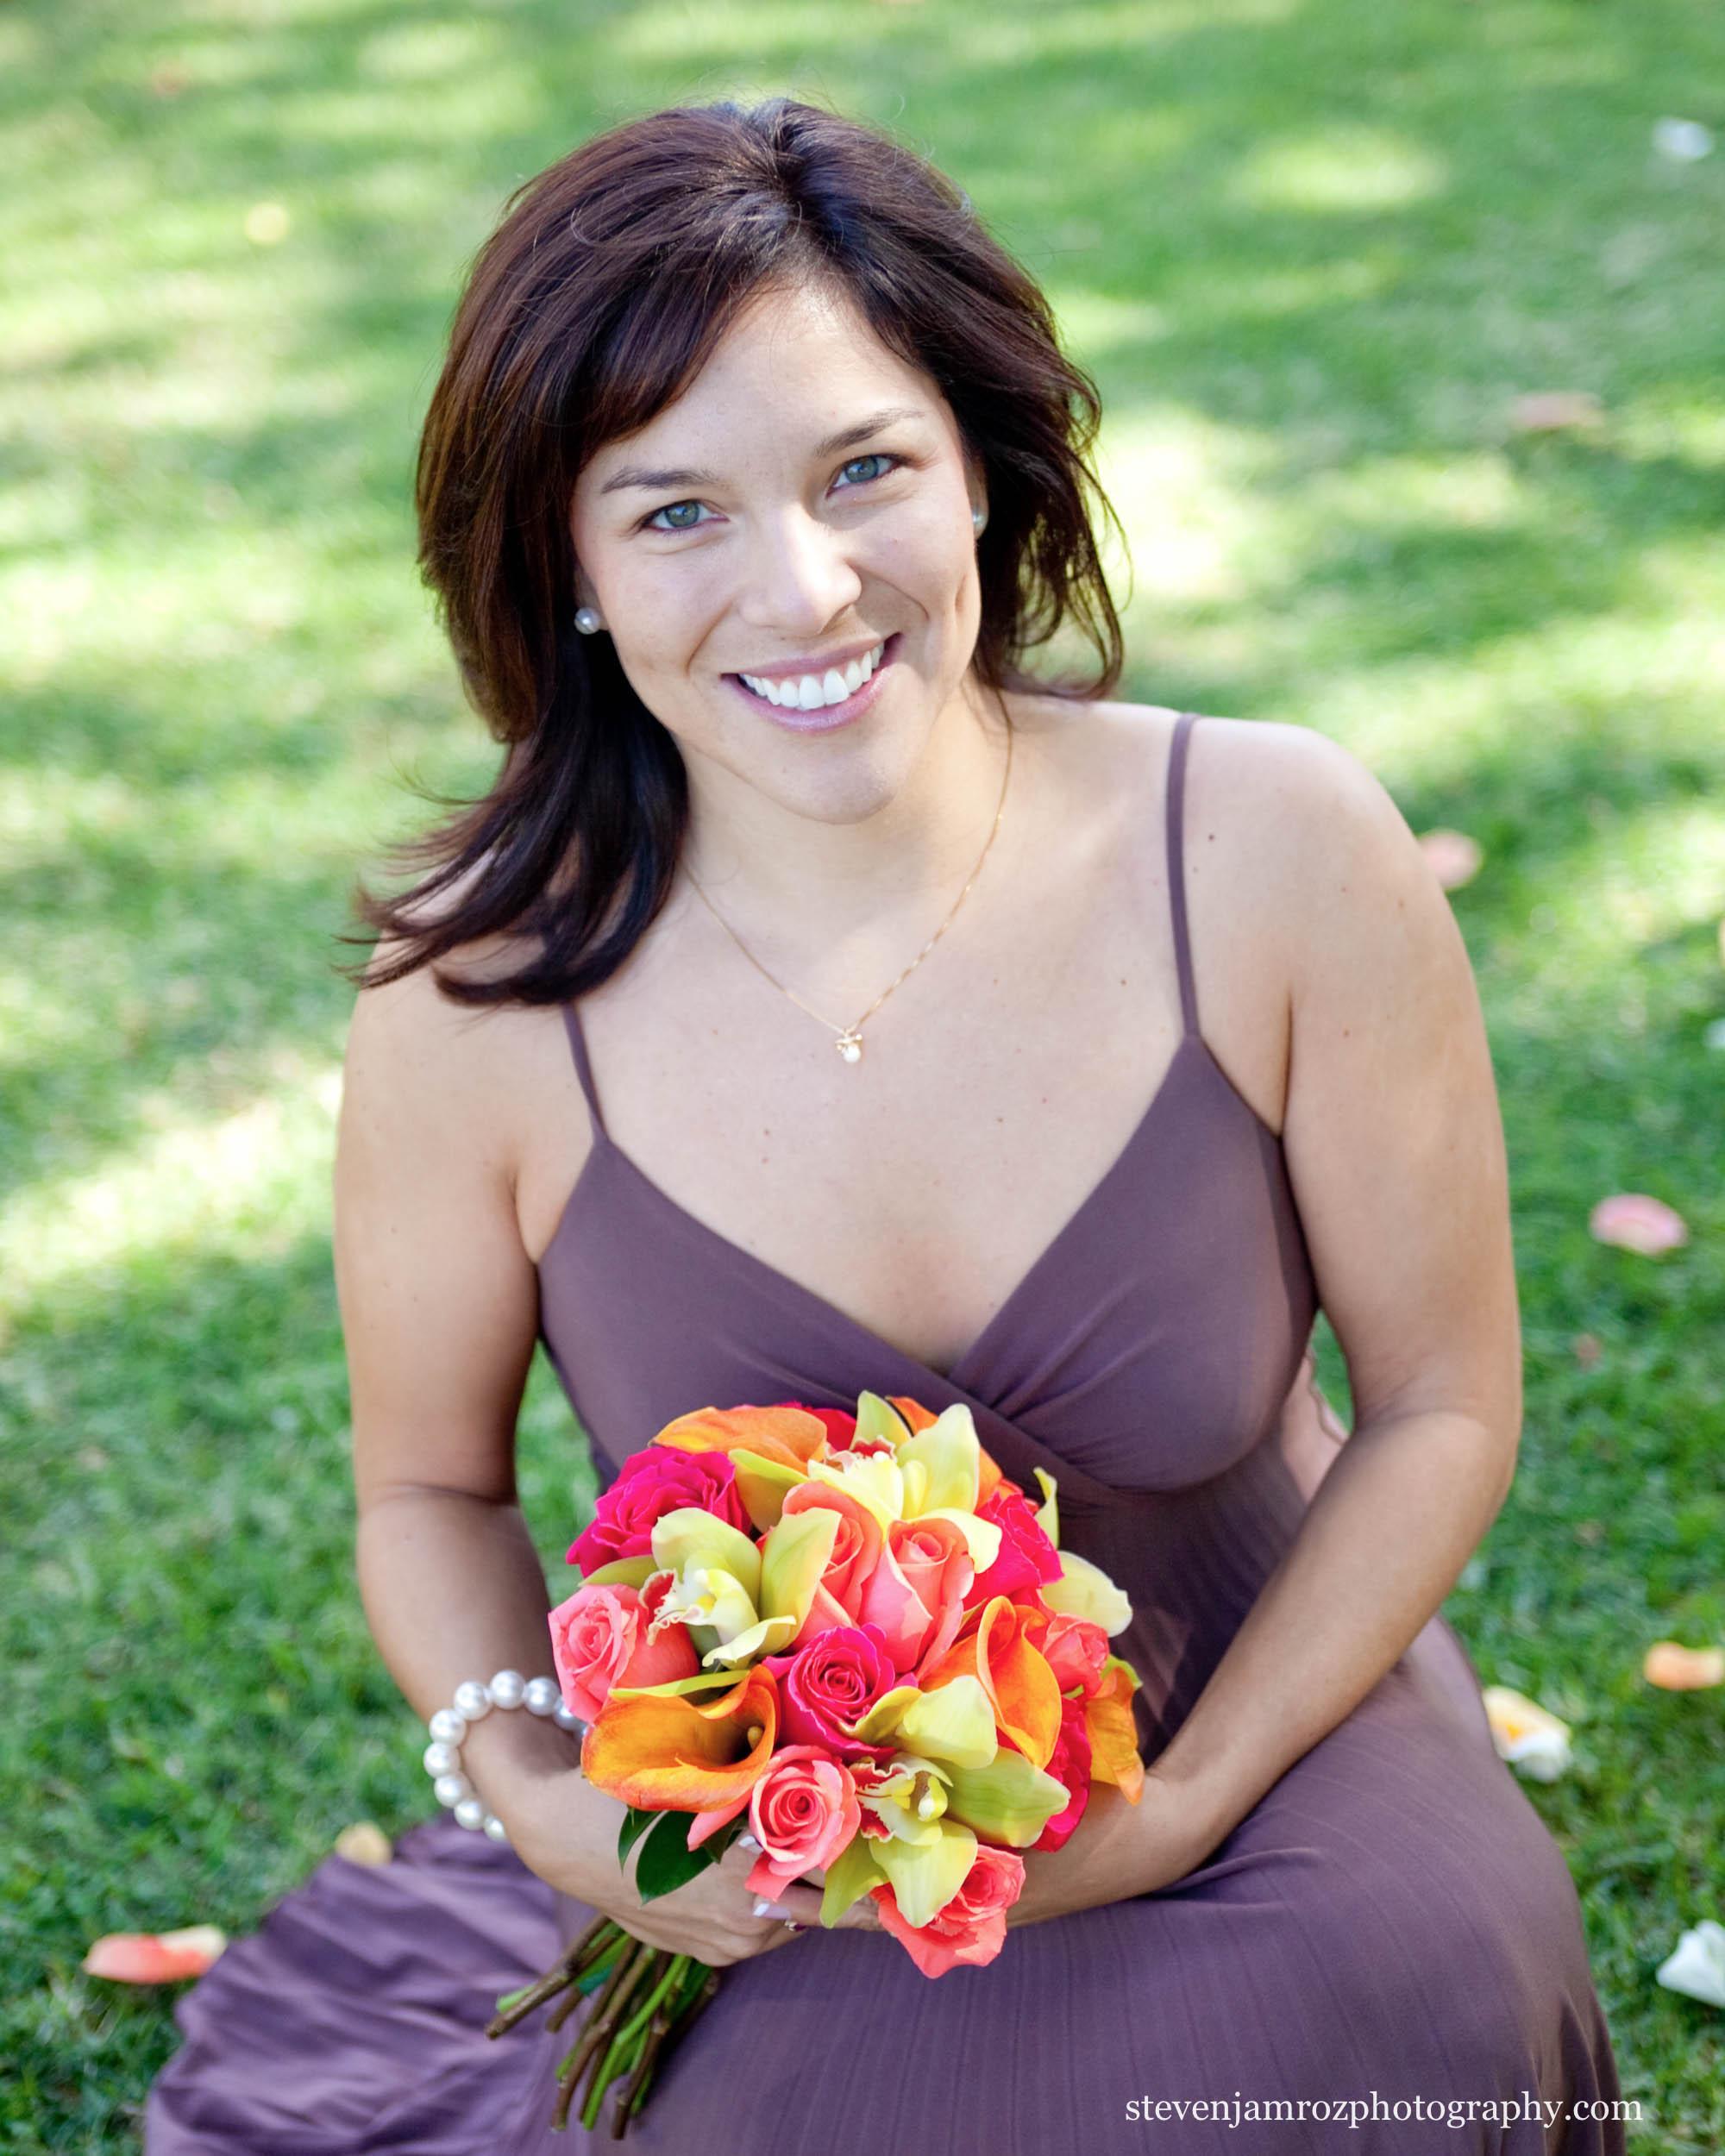 pink-green-flower-bouquet-wedding-raleigh-nc-steven-jamroz-photography-0061.jpg